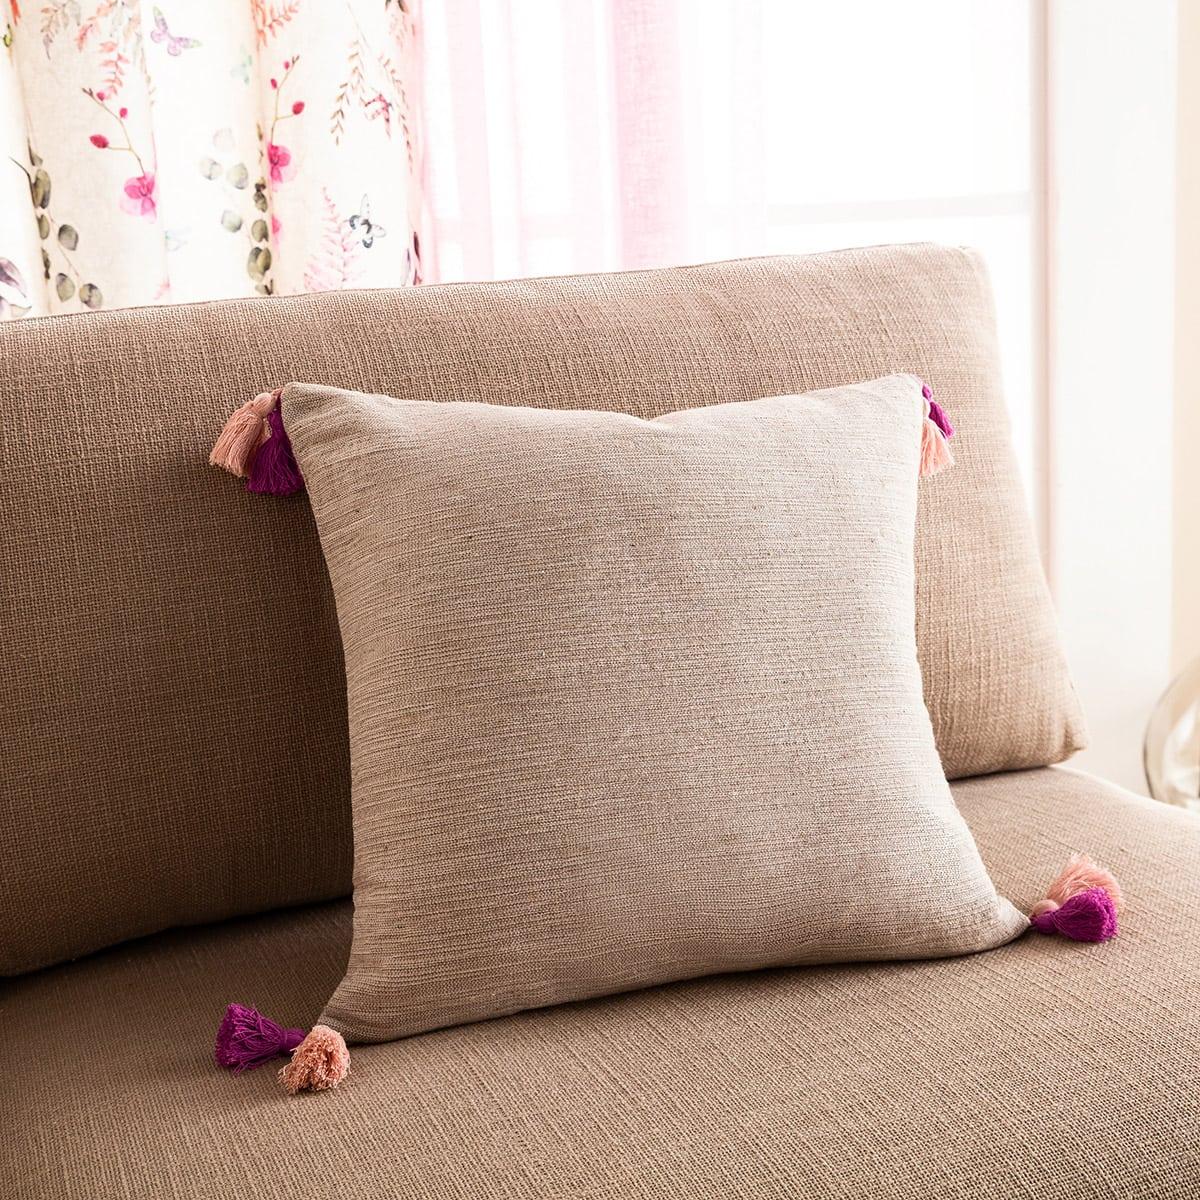 Μαξιλαροθήκη Διακοσμητική Trace 467/23 Fuchsia-Pink Gofis Home 45X45 100% Βαμβάκι